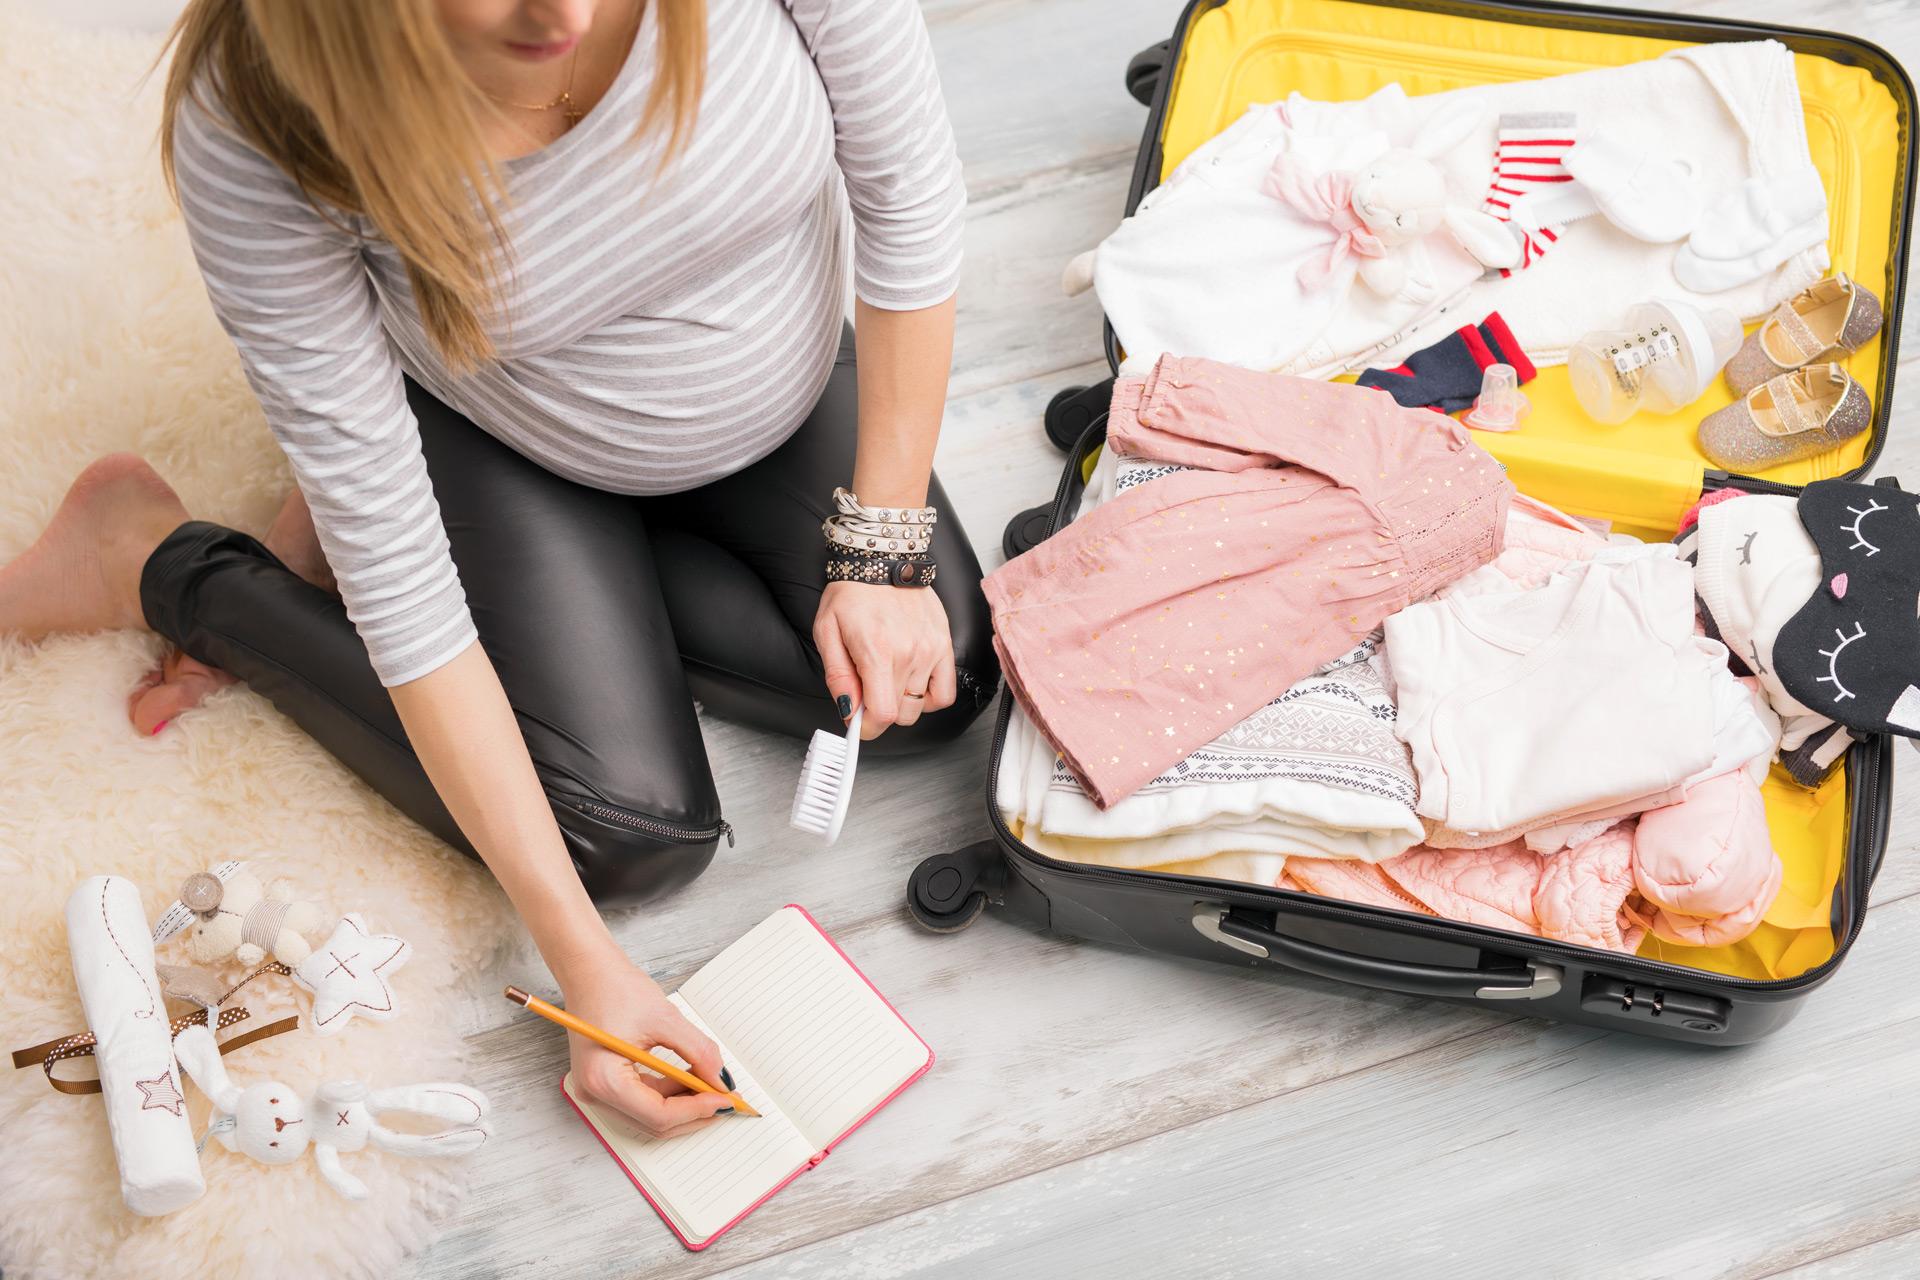 Что взять в путешествие с ребенком: список одежды, лекарств, средств гигиены